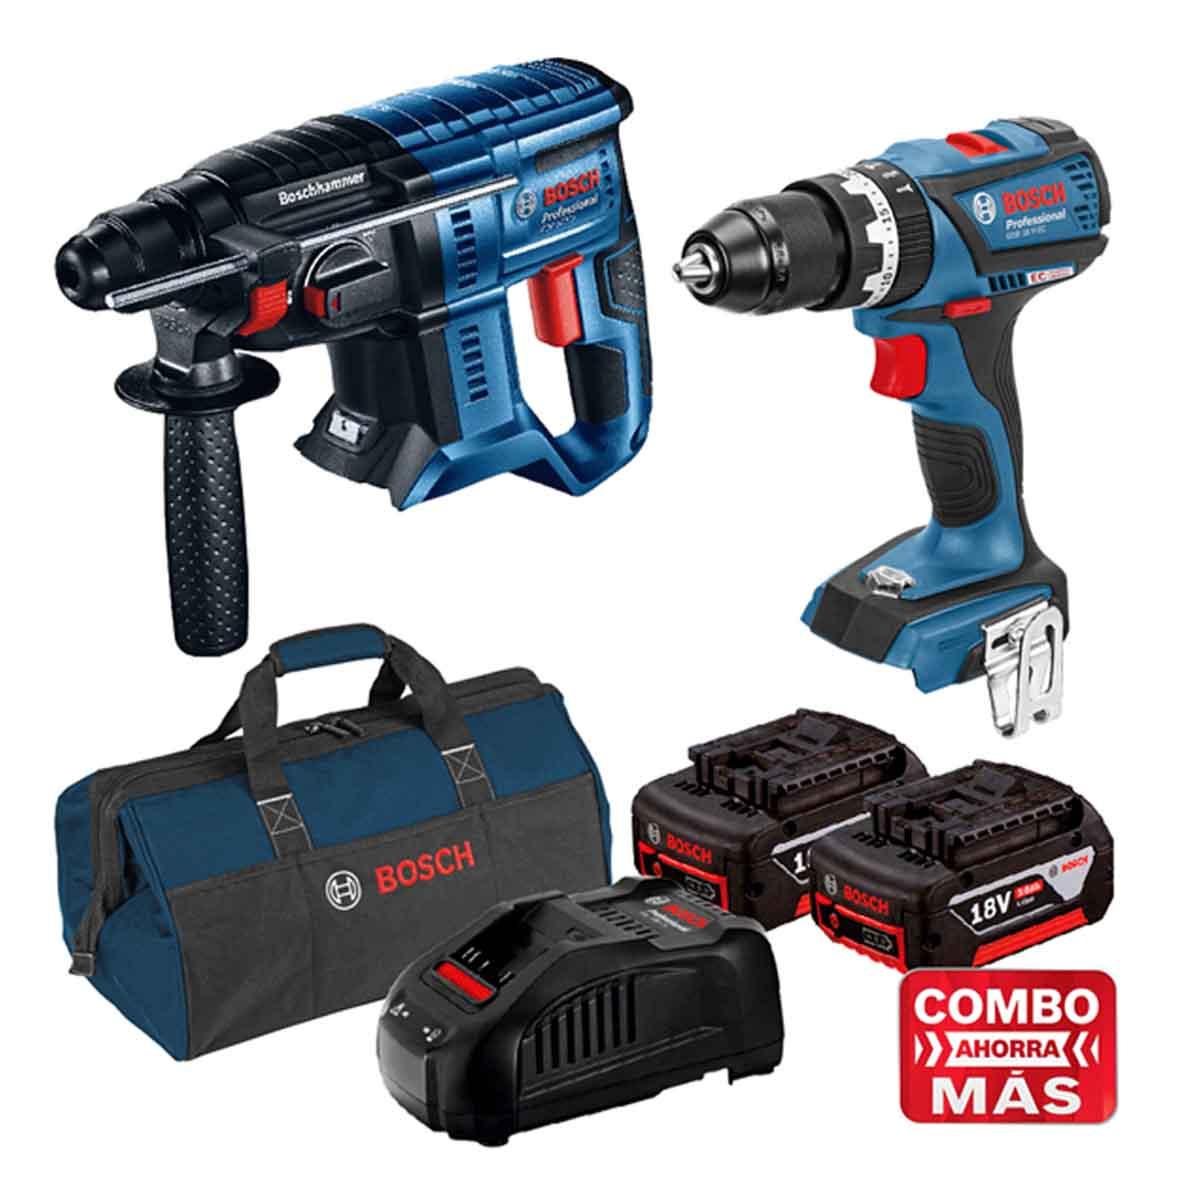 Martillo 18V + Taladro + 2 Baterias Cargador + Maleta Bosch